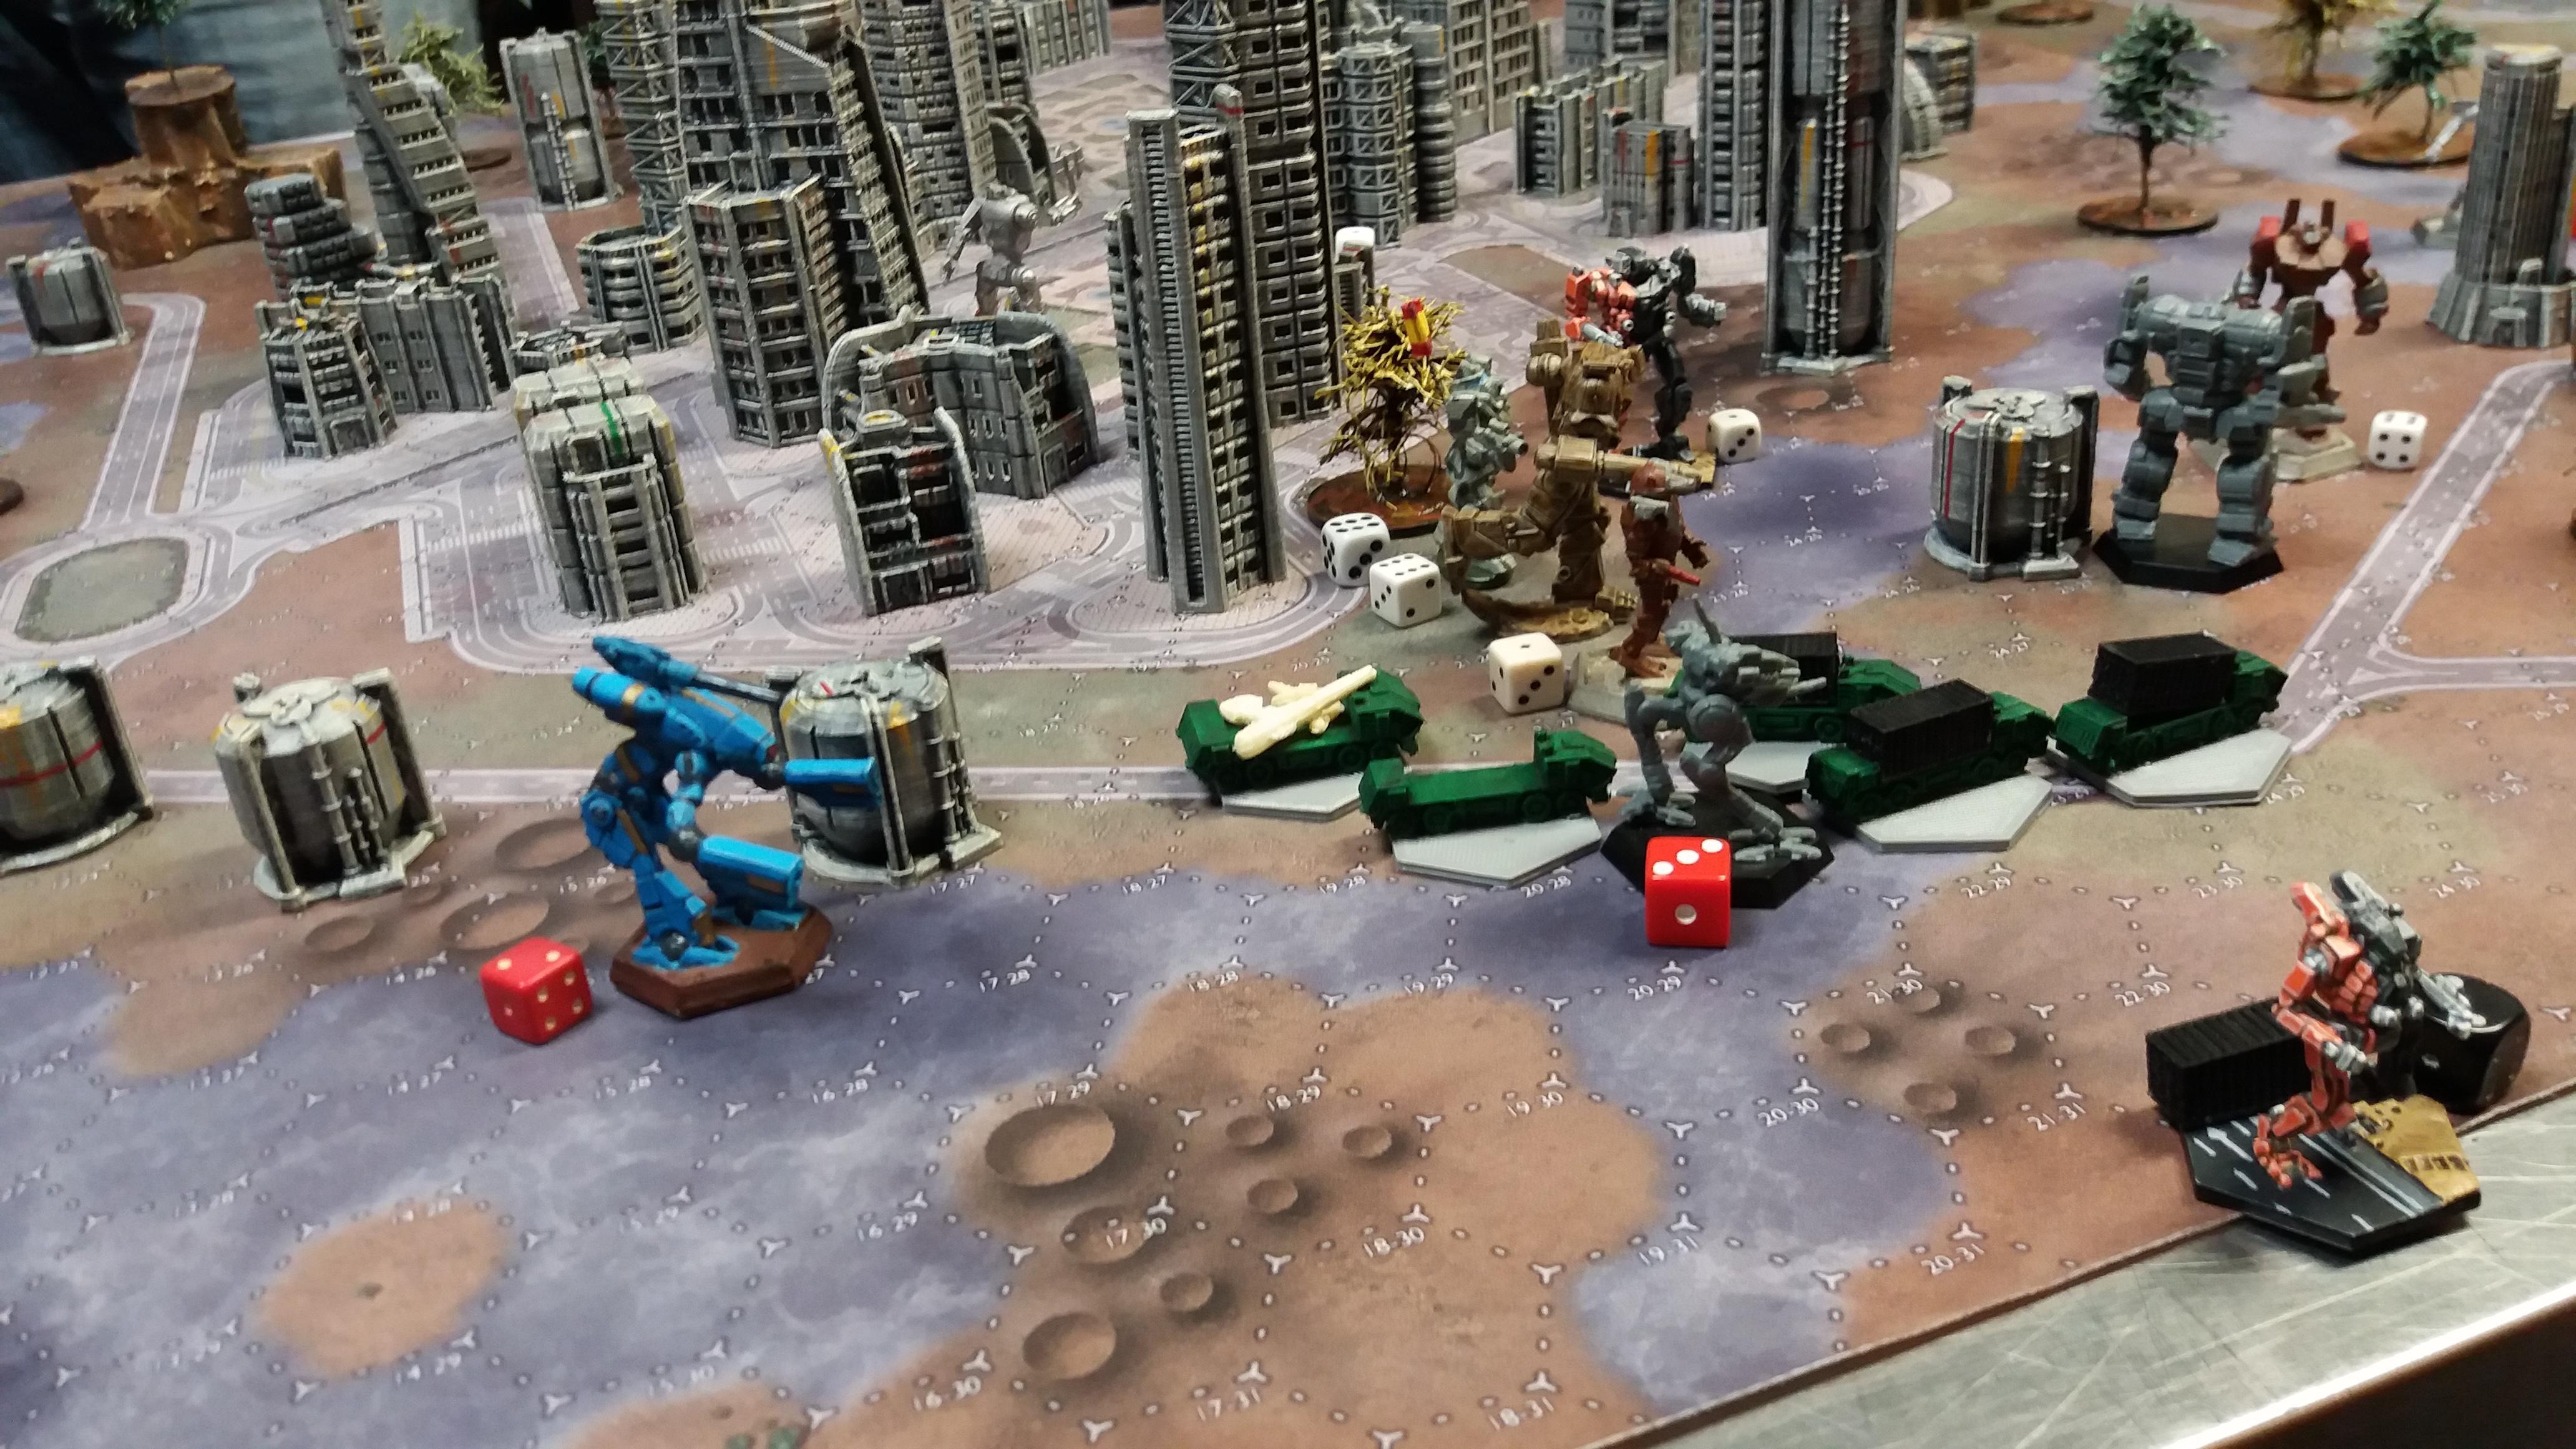 Battletech, City, Hex, Mech, Mechwarrior, Tabletop, Terrain